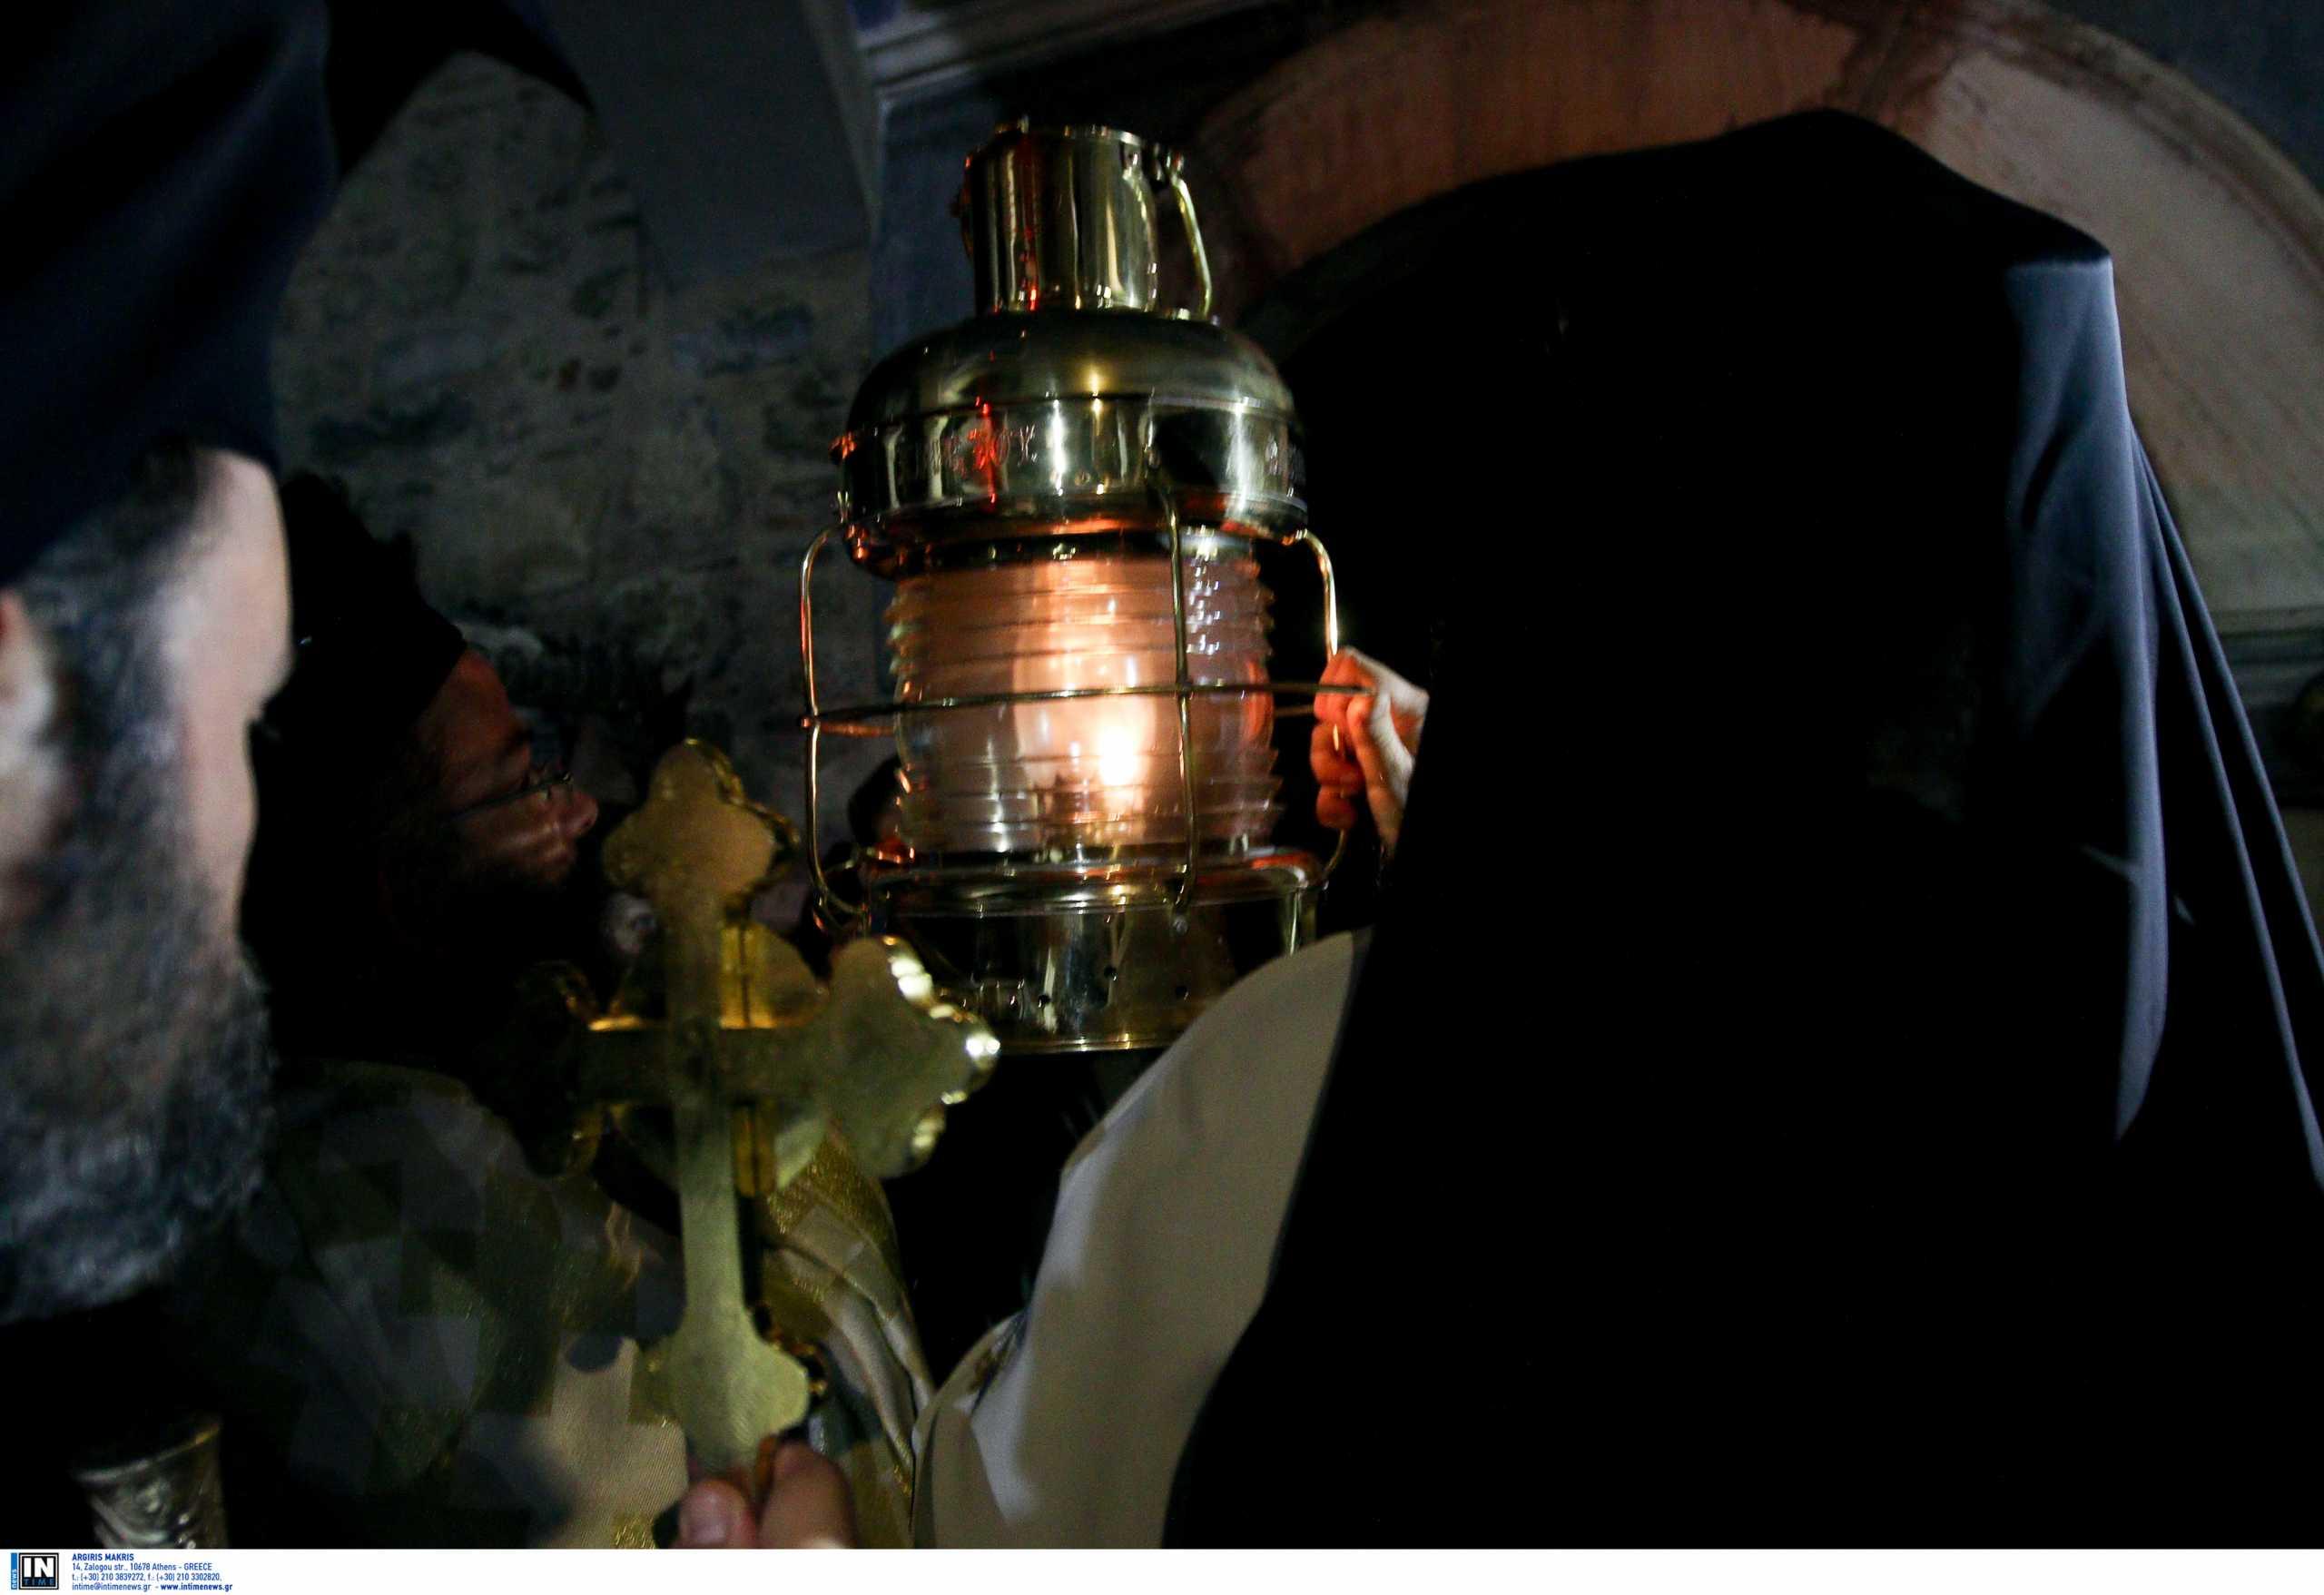 Άγιο Φως: Κανονικά το Μεγάλο Σάββατο στην Ελλάδα με την προσήκουσα ταπεινότητα